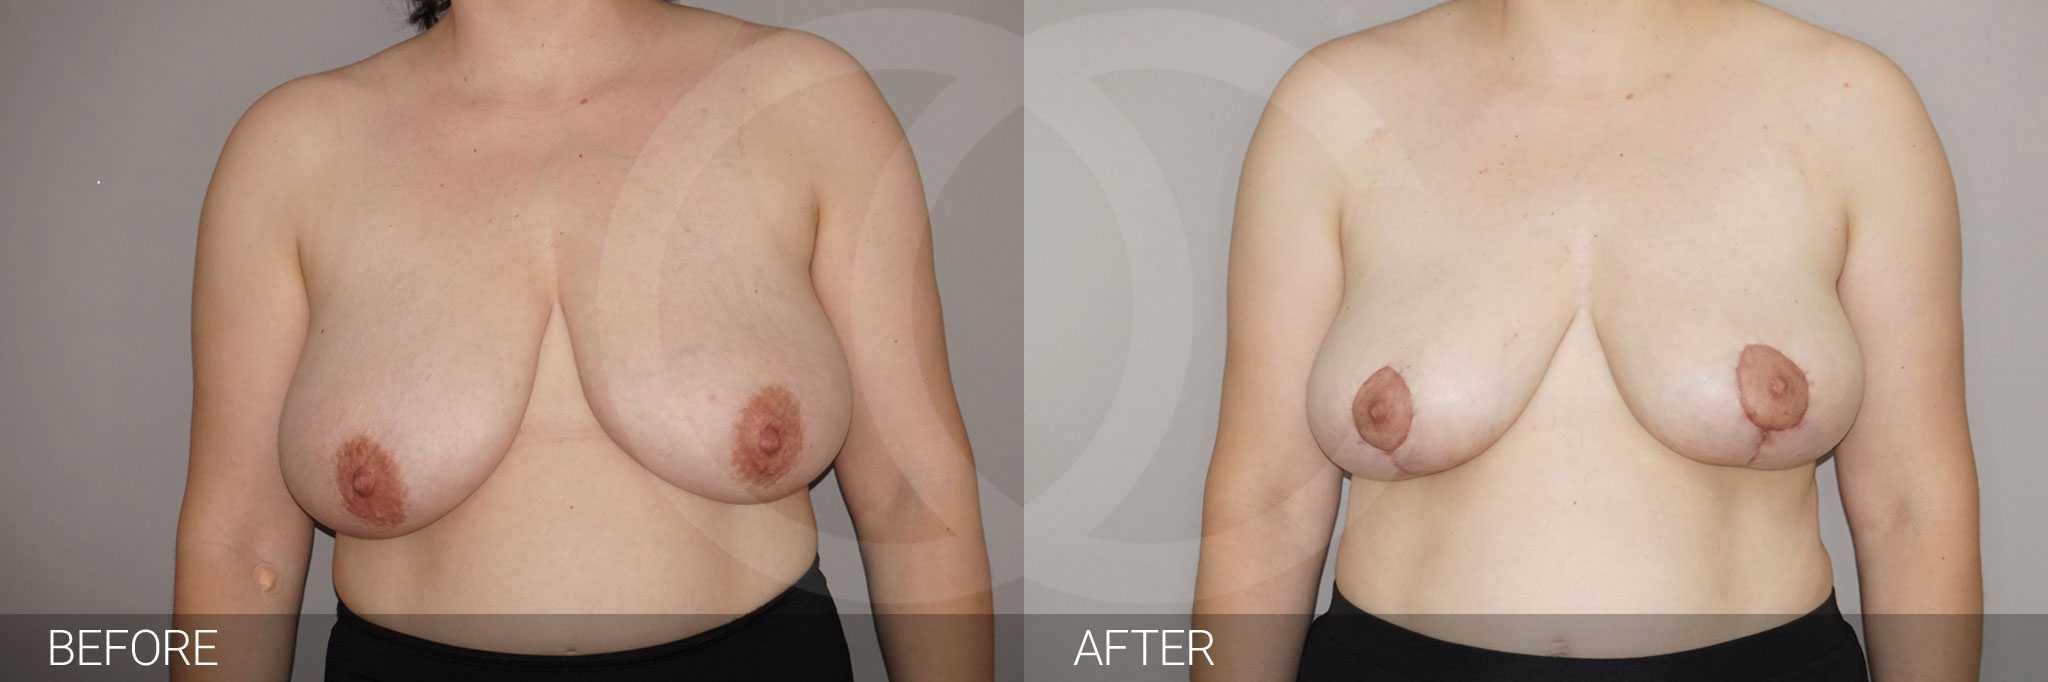 Reducción de pechos con liposucción ante/post-op I